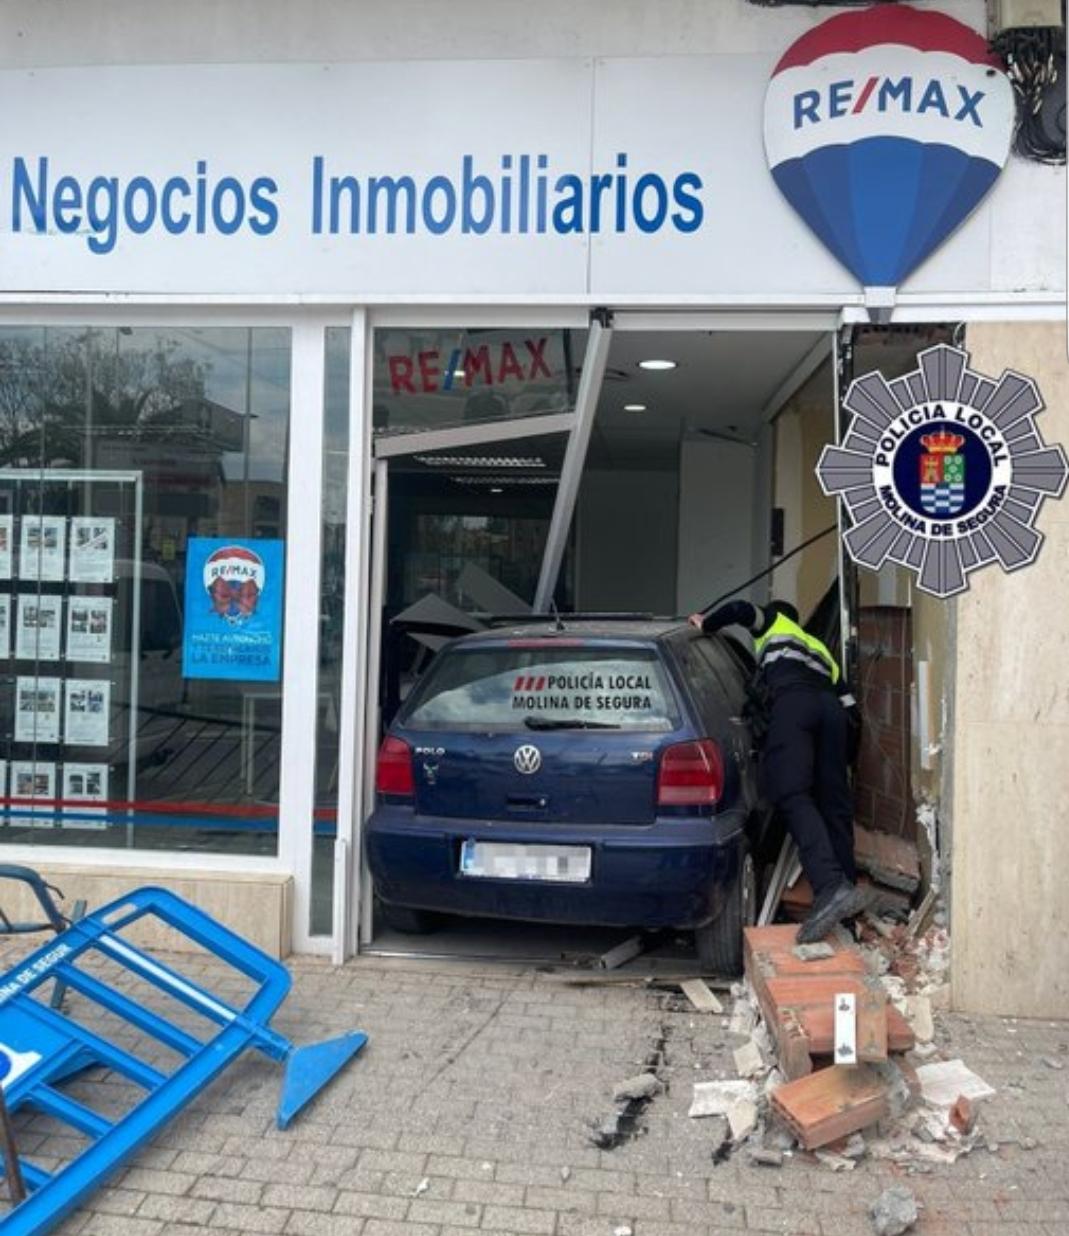 Mete su coche dentro de una inmobiliaria en Molina de Segura